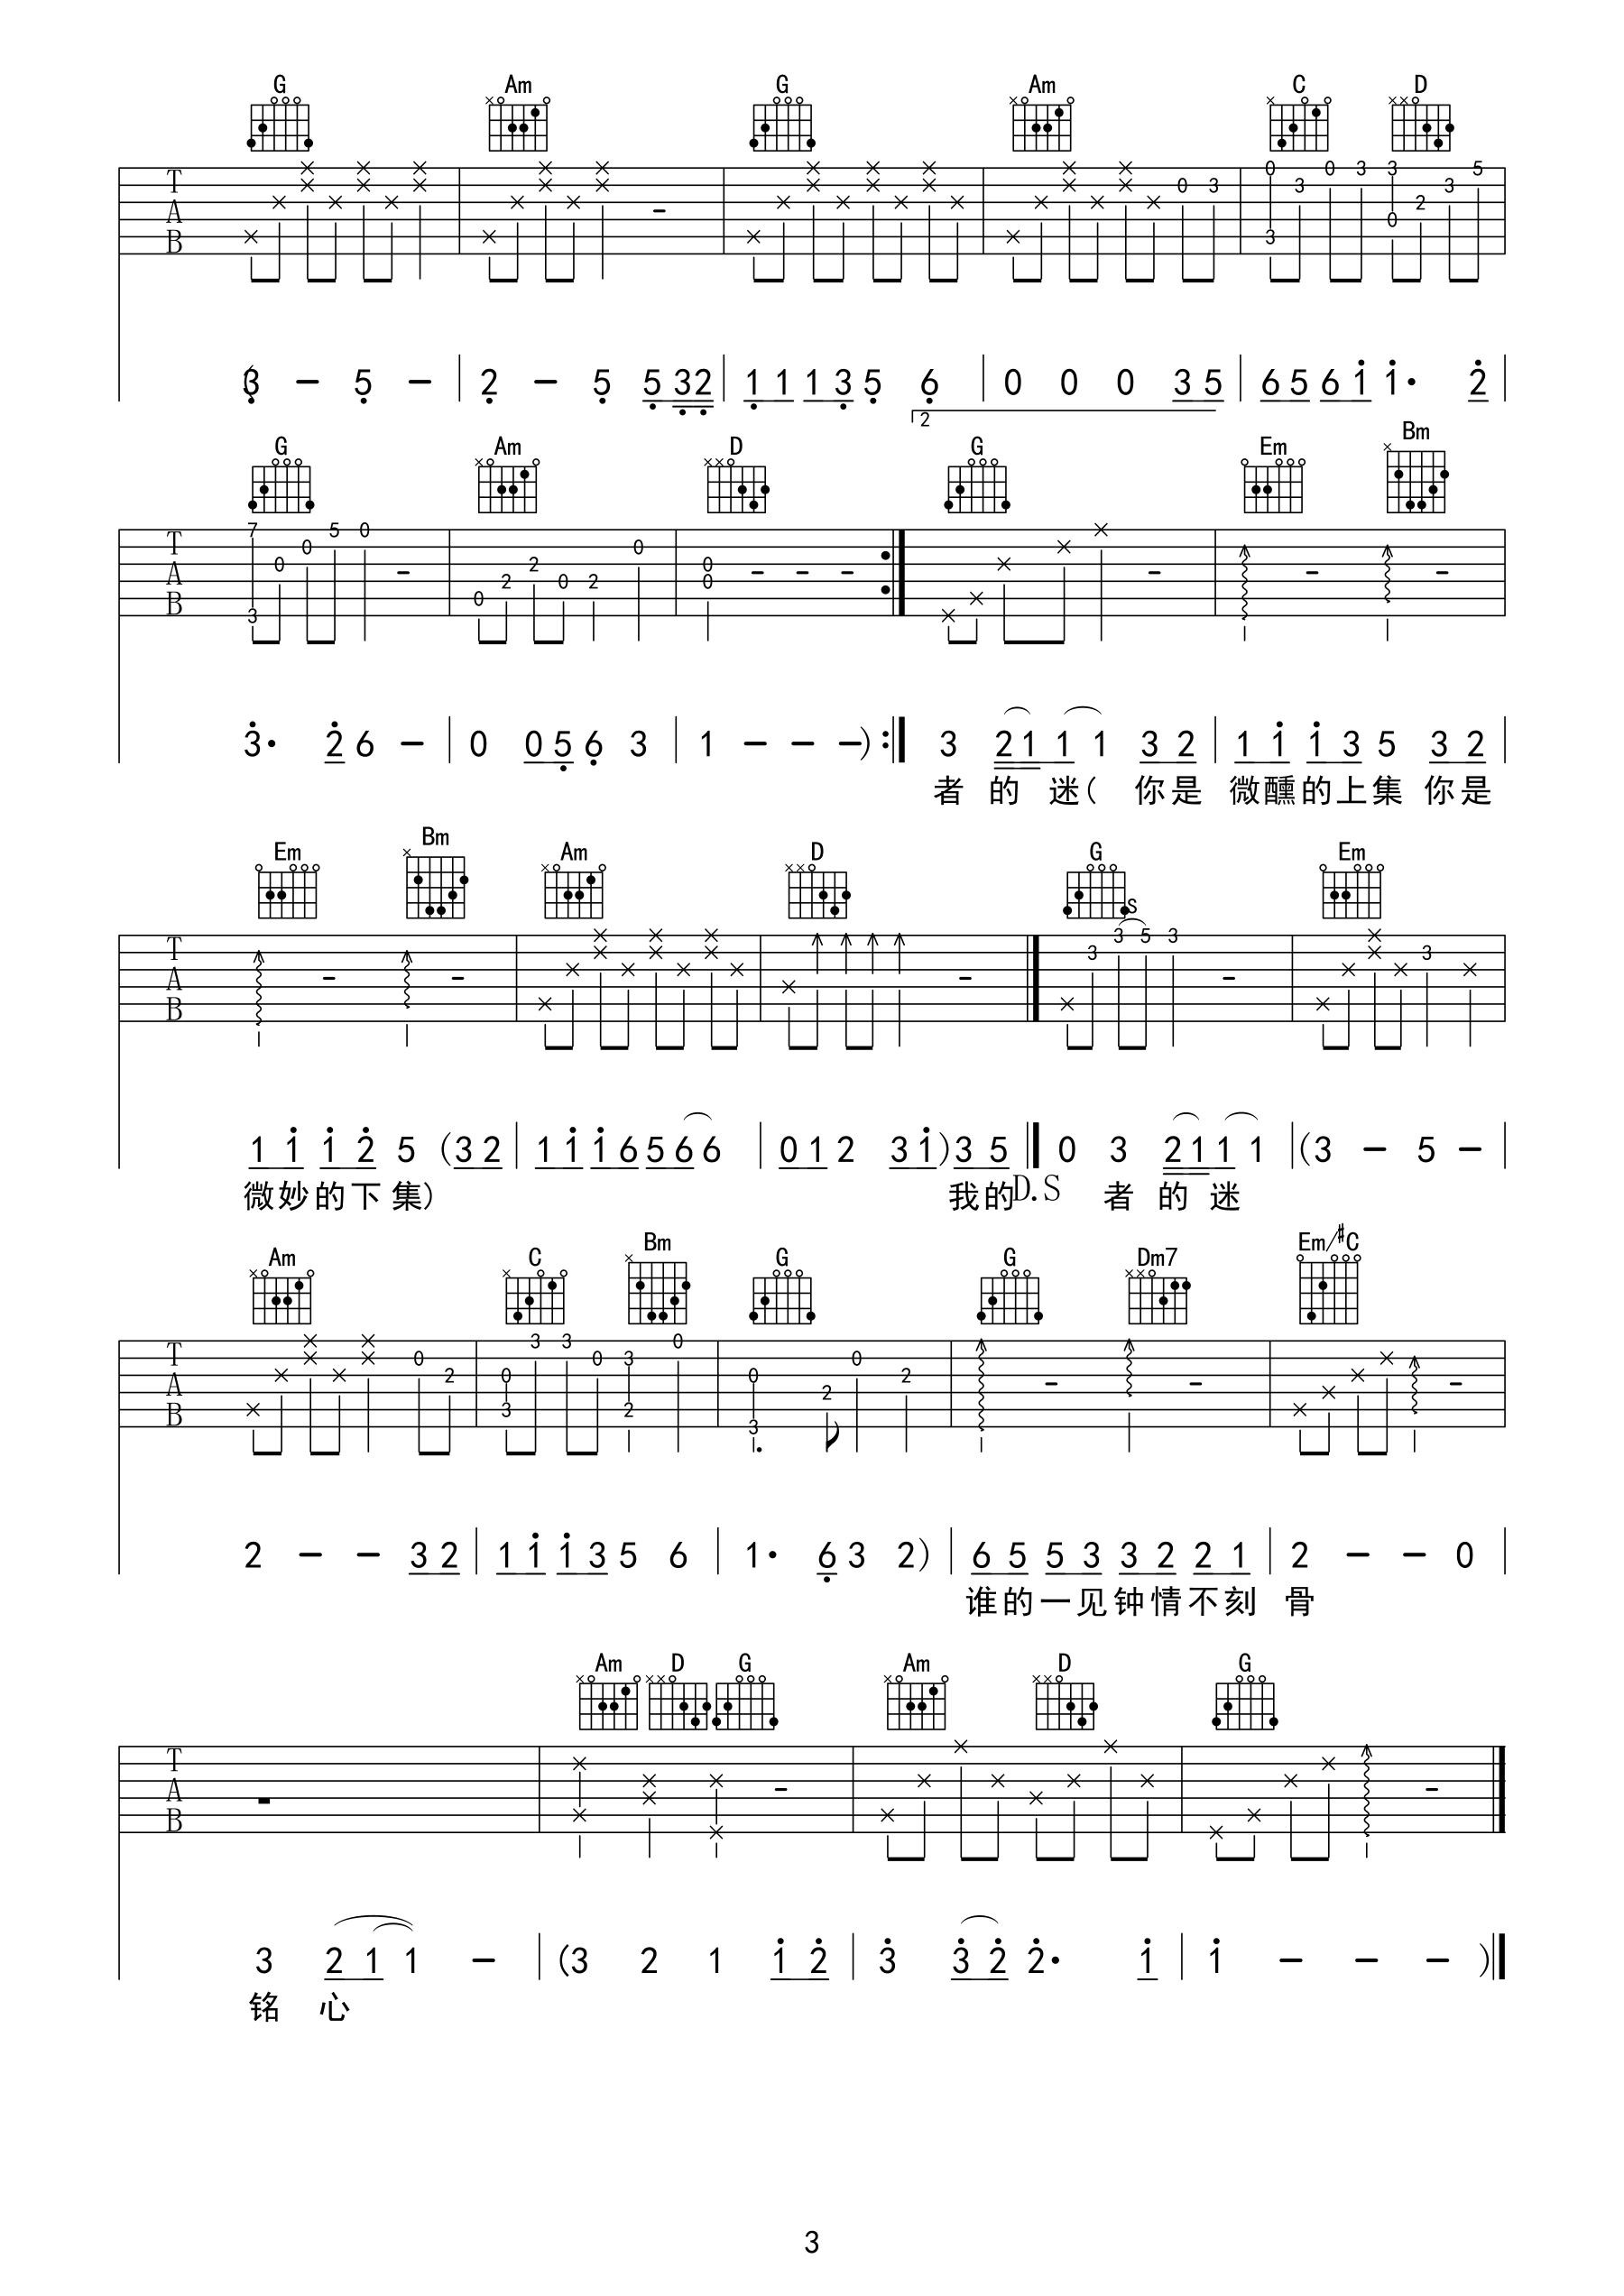 偶阵雨吉他谱_梁静茹_《偶阵雨》C调原版弹唱谱_高清六线谱